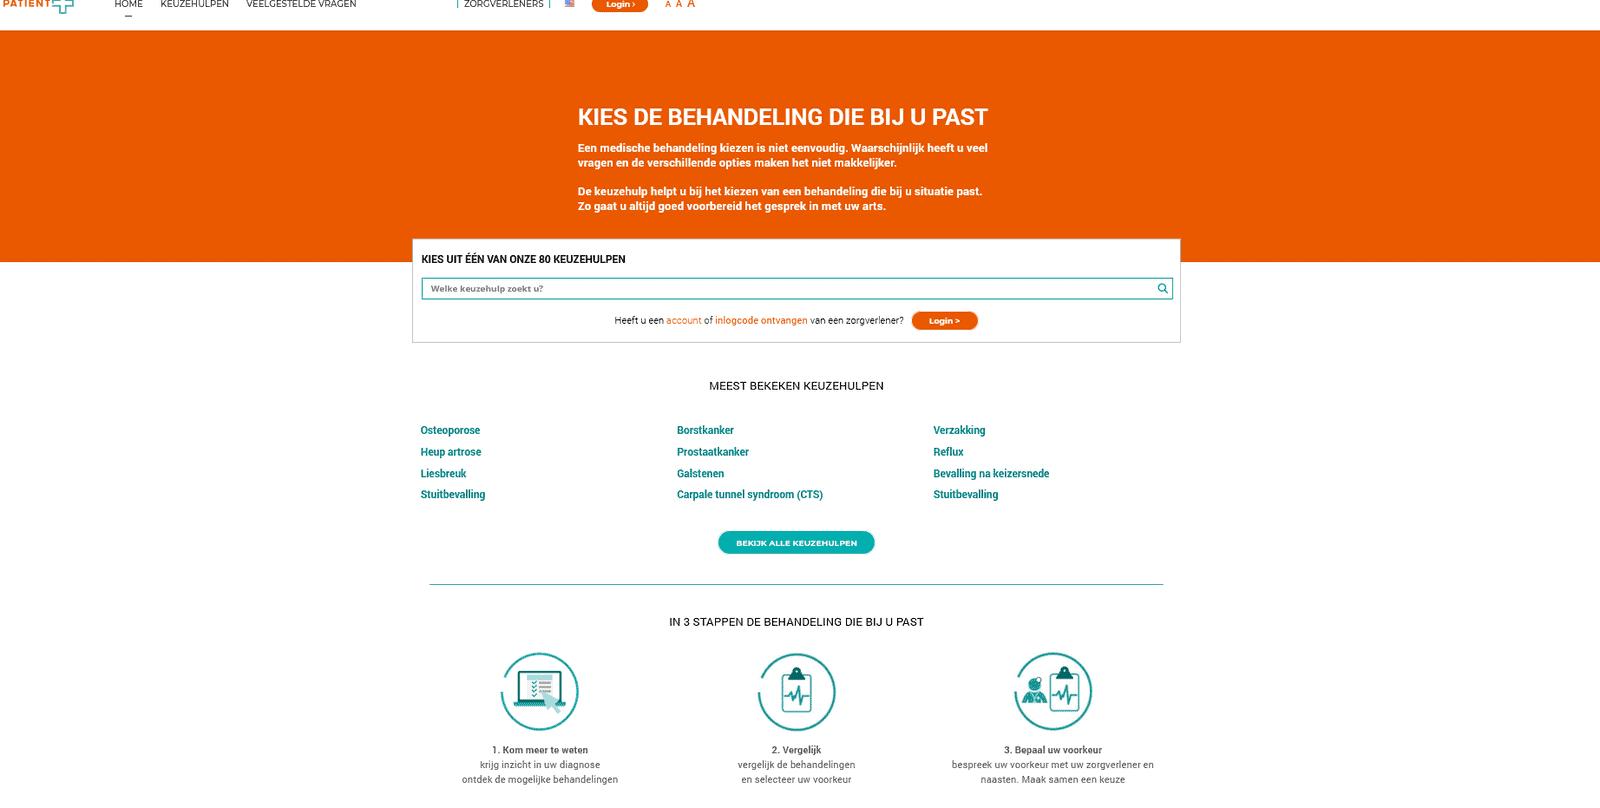 keuzehulp.info